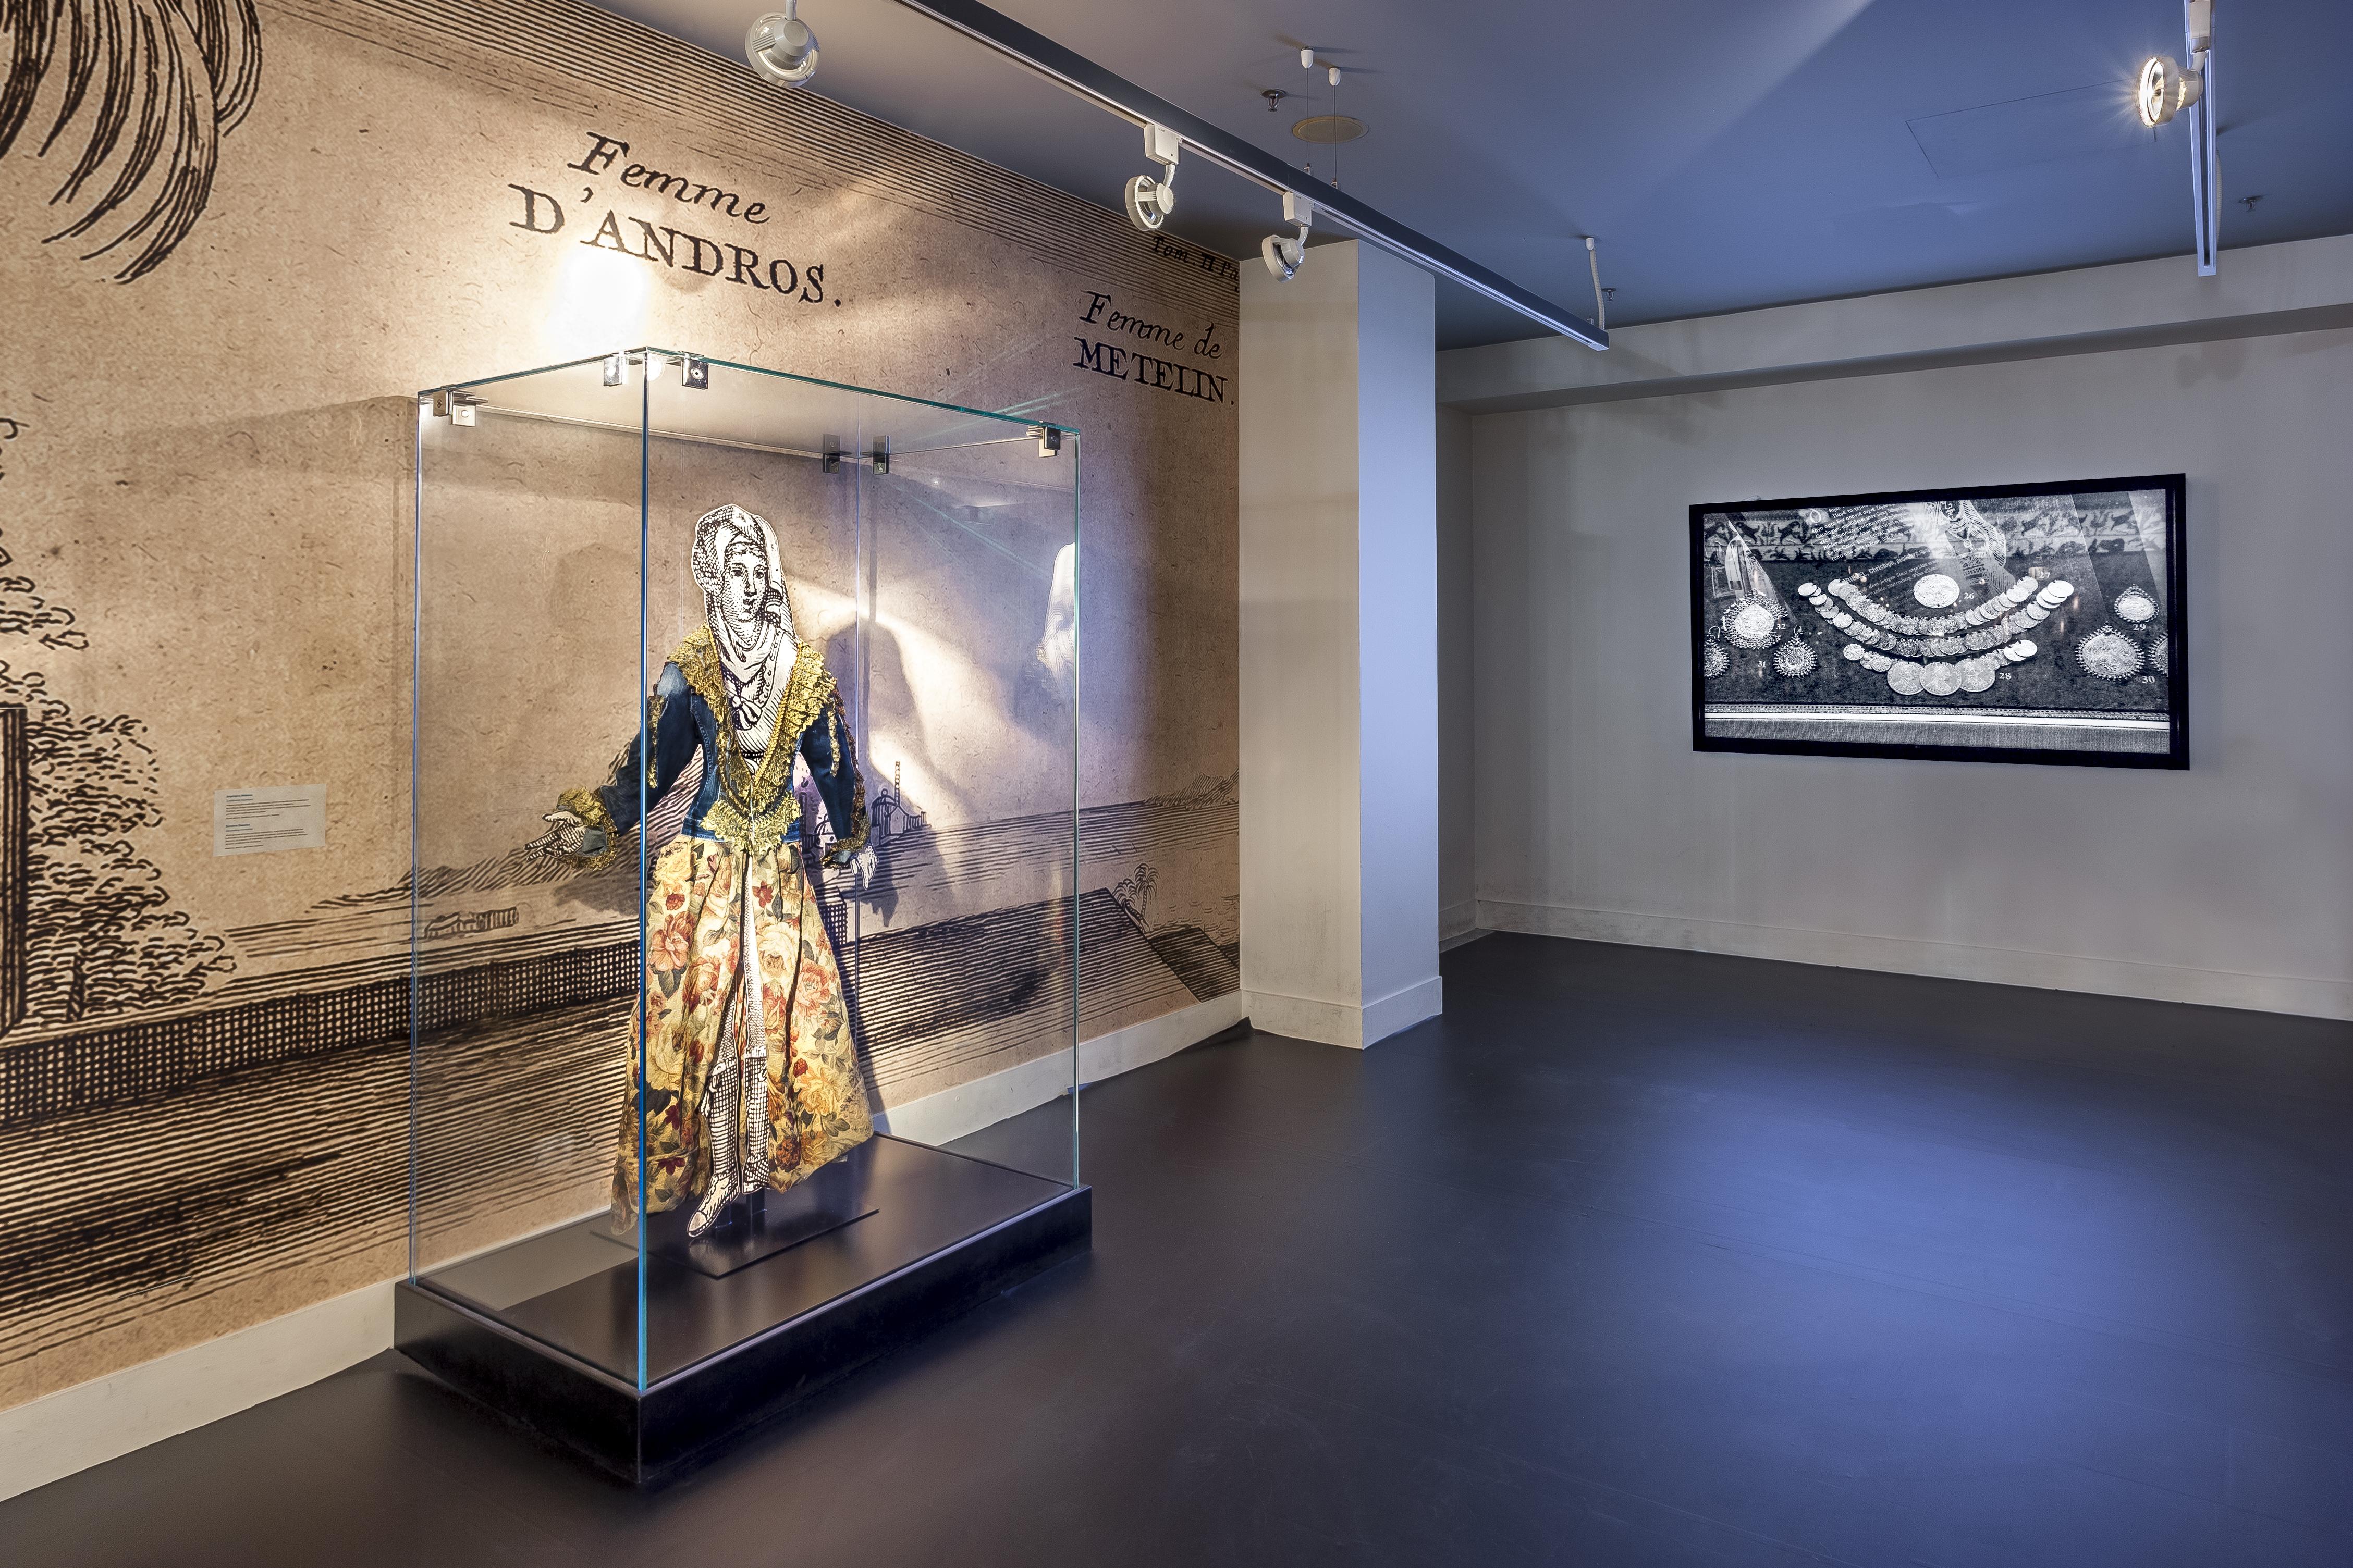 Ταξίδι στη μαγεία της ελληνικής φορεσιάς: Σύγχρονες δημιουργίες ζωντανεύουν τις συλλογές του Μουσείου Μπενάκη